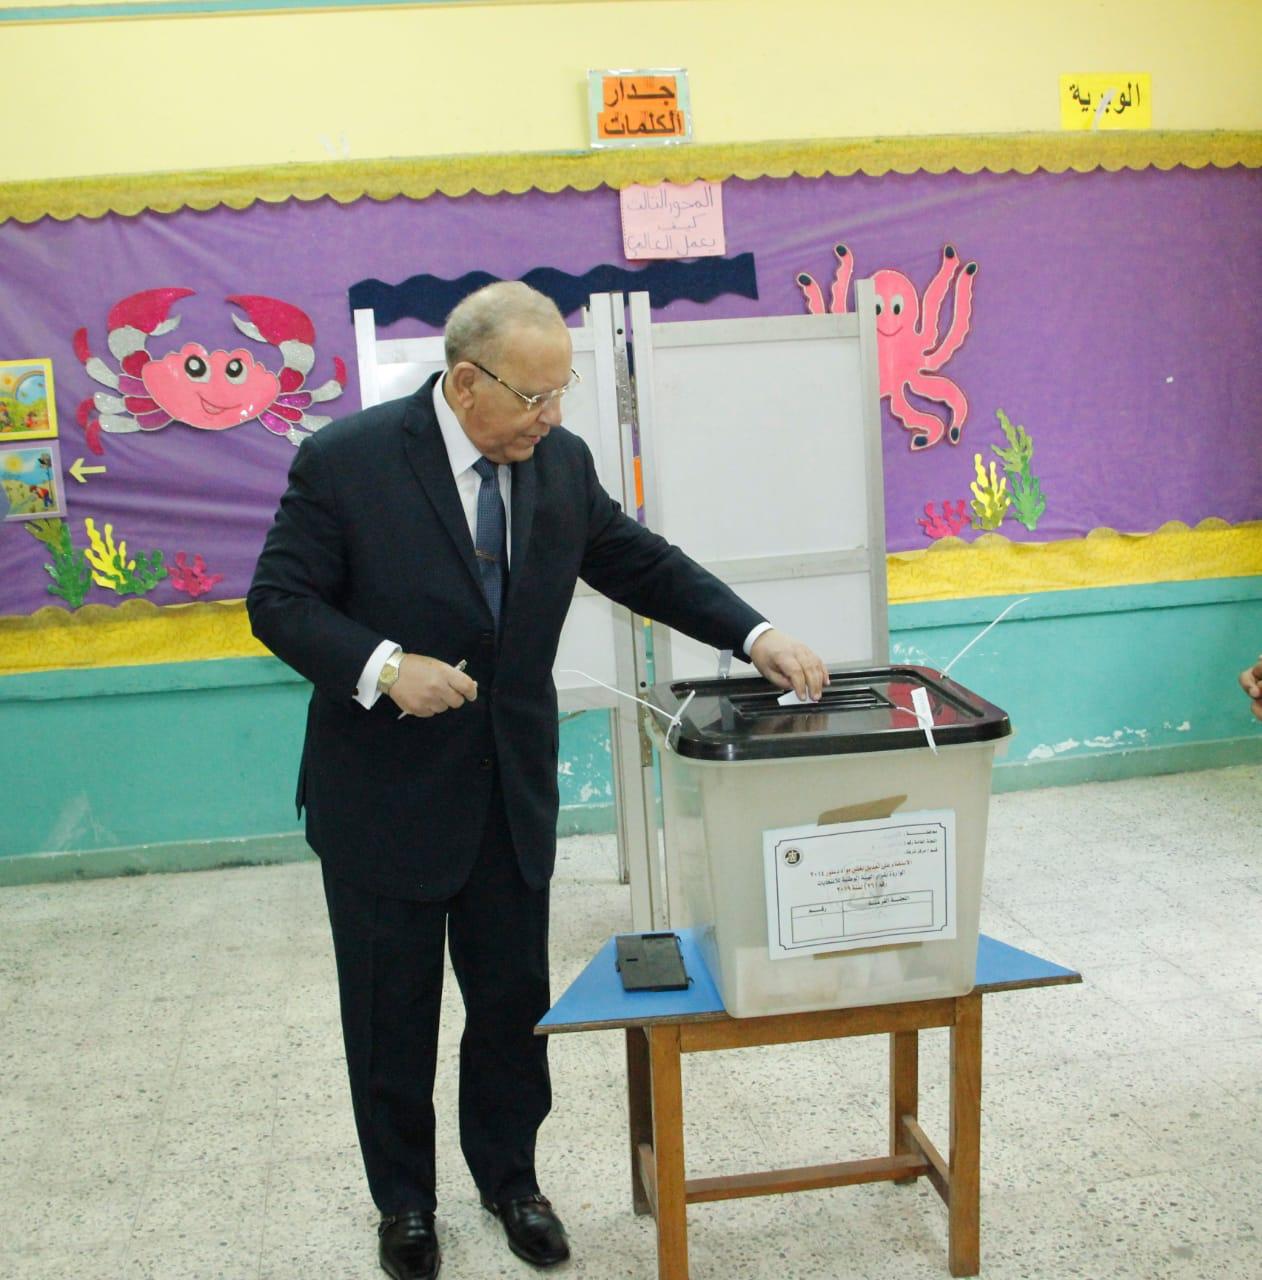 وزير العدل يدلي بصوته فى الاستفتاء على التعديلات الدستورية (3)